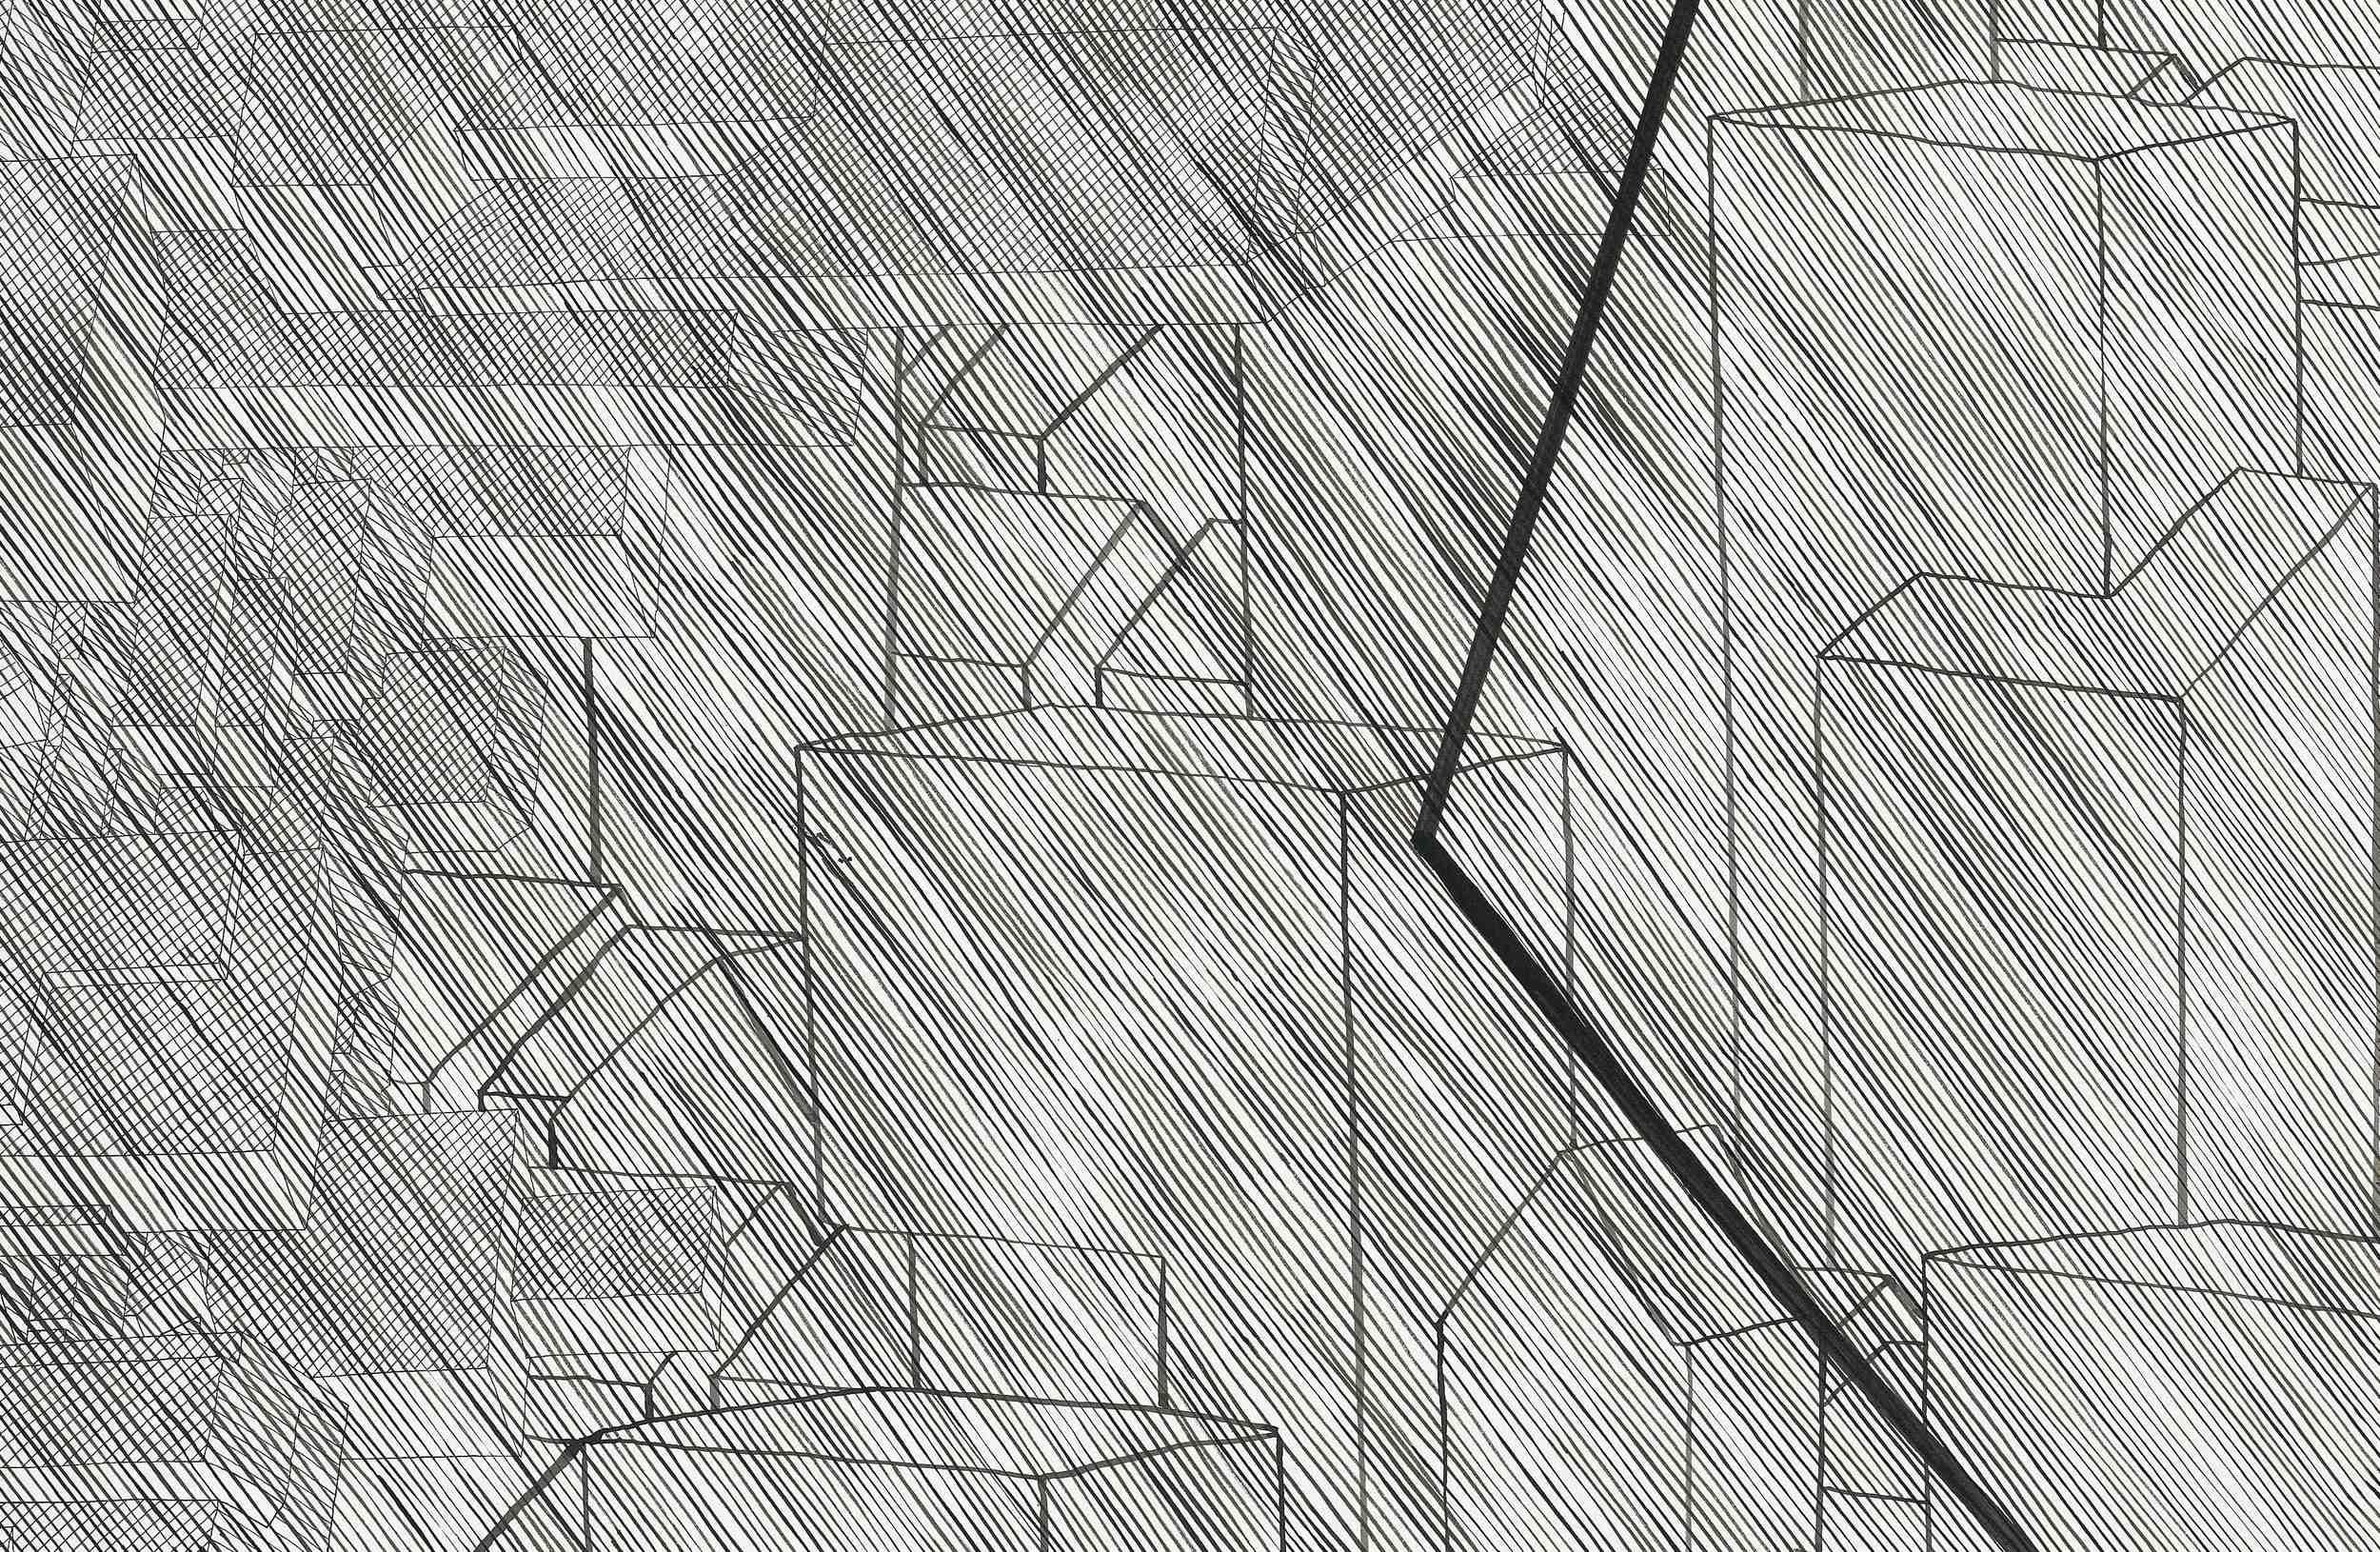 cutout 5.jpg